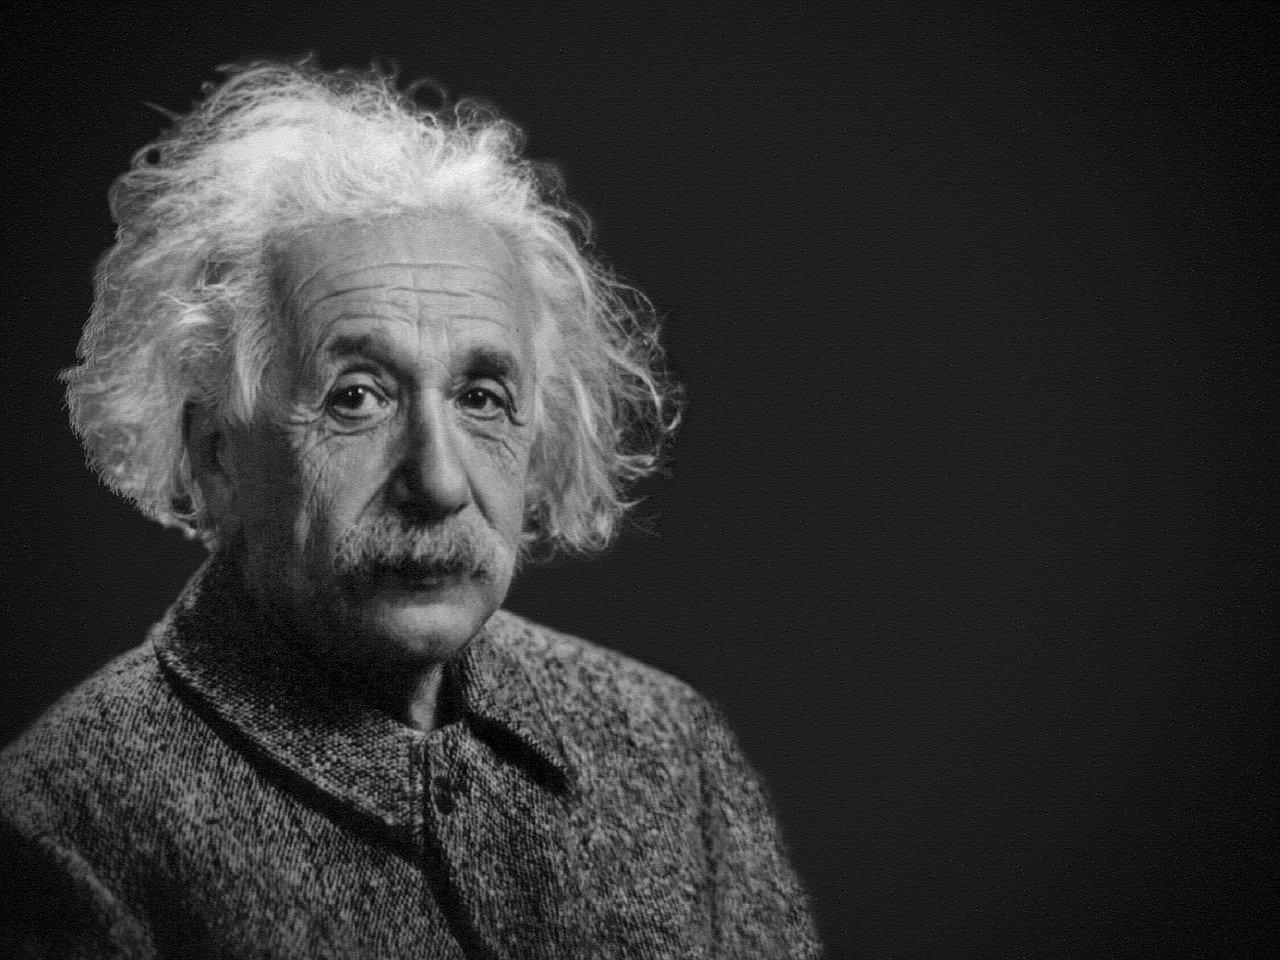 гений альберт эйнштейн